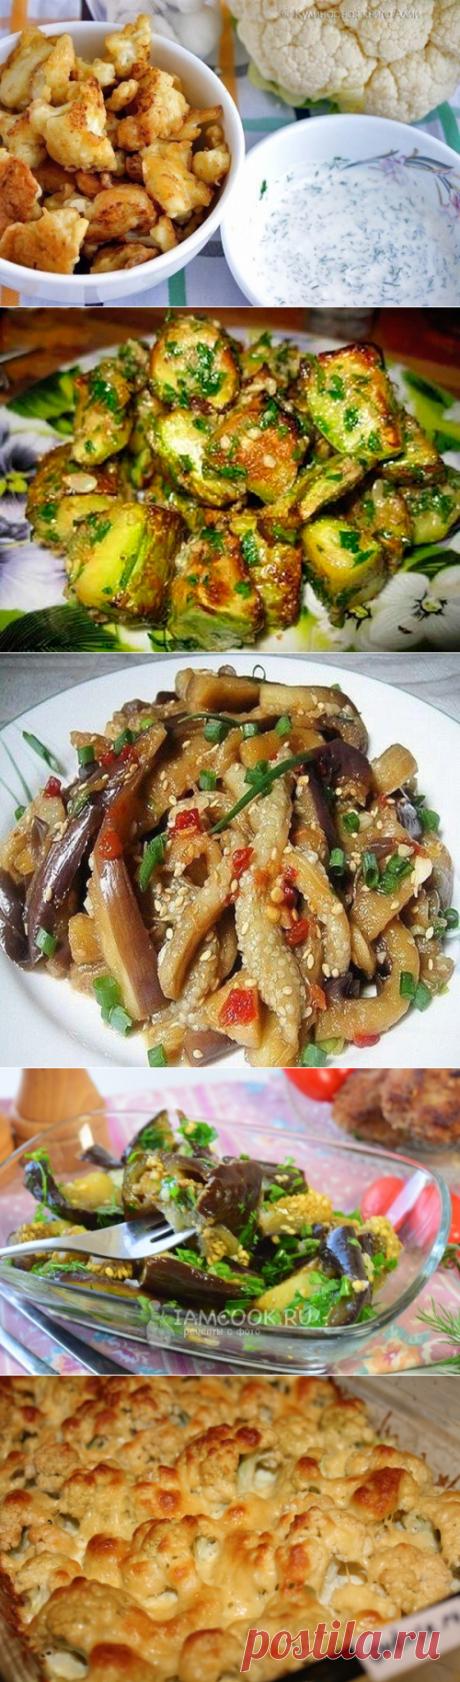 Блюда из овощей | Марина Попова | Фотографии и советы на Постиле